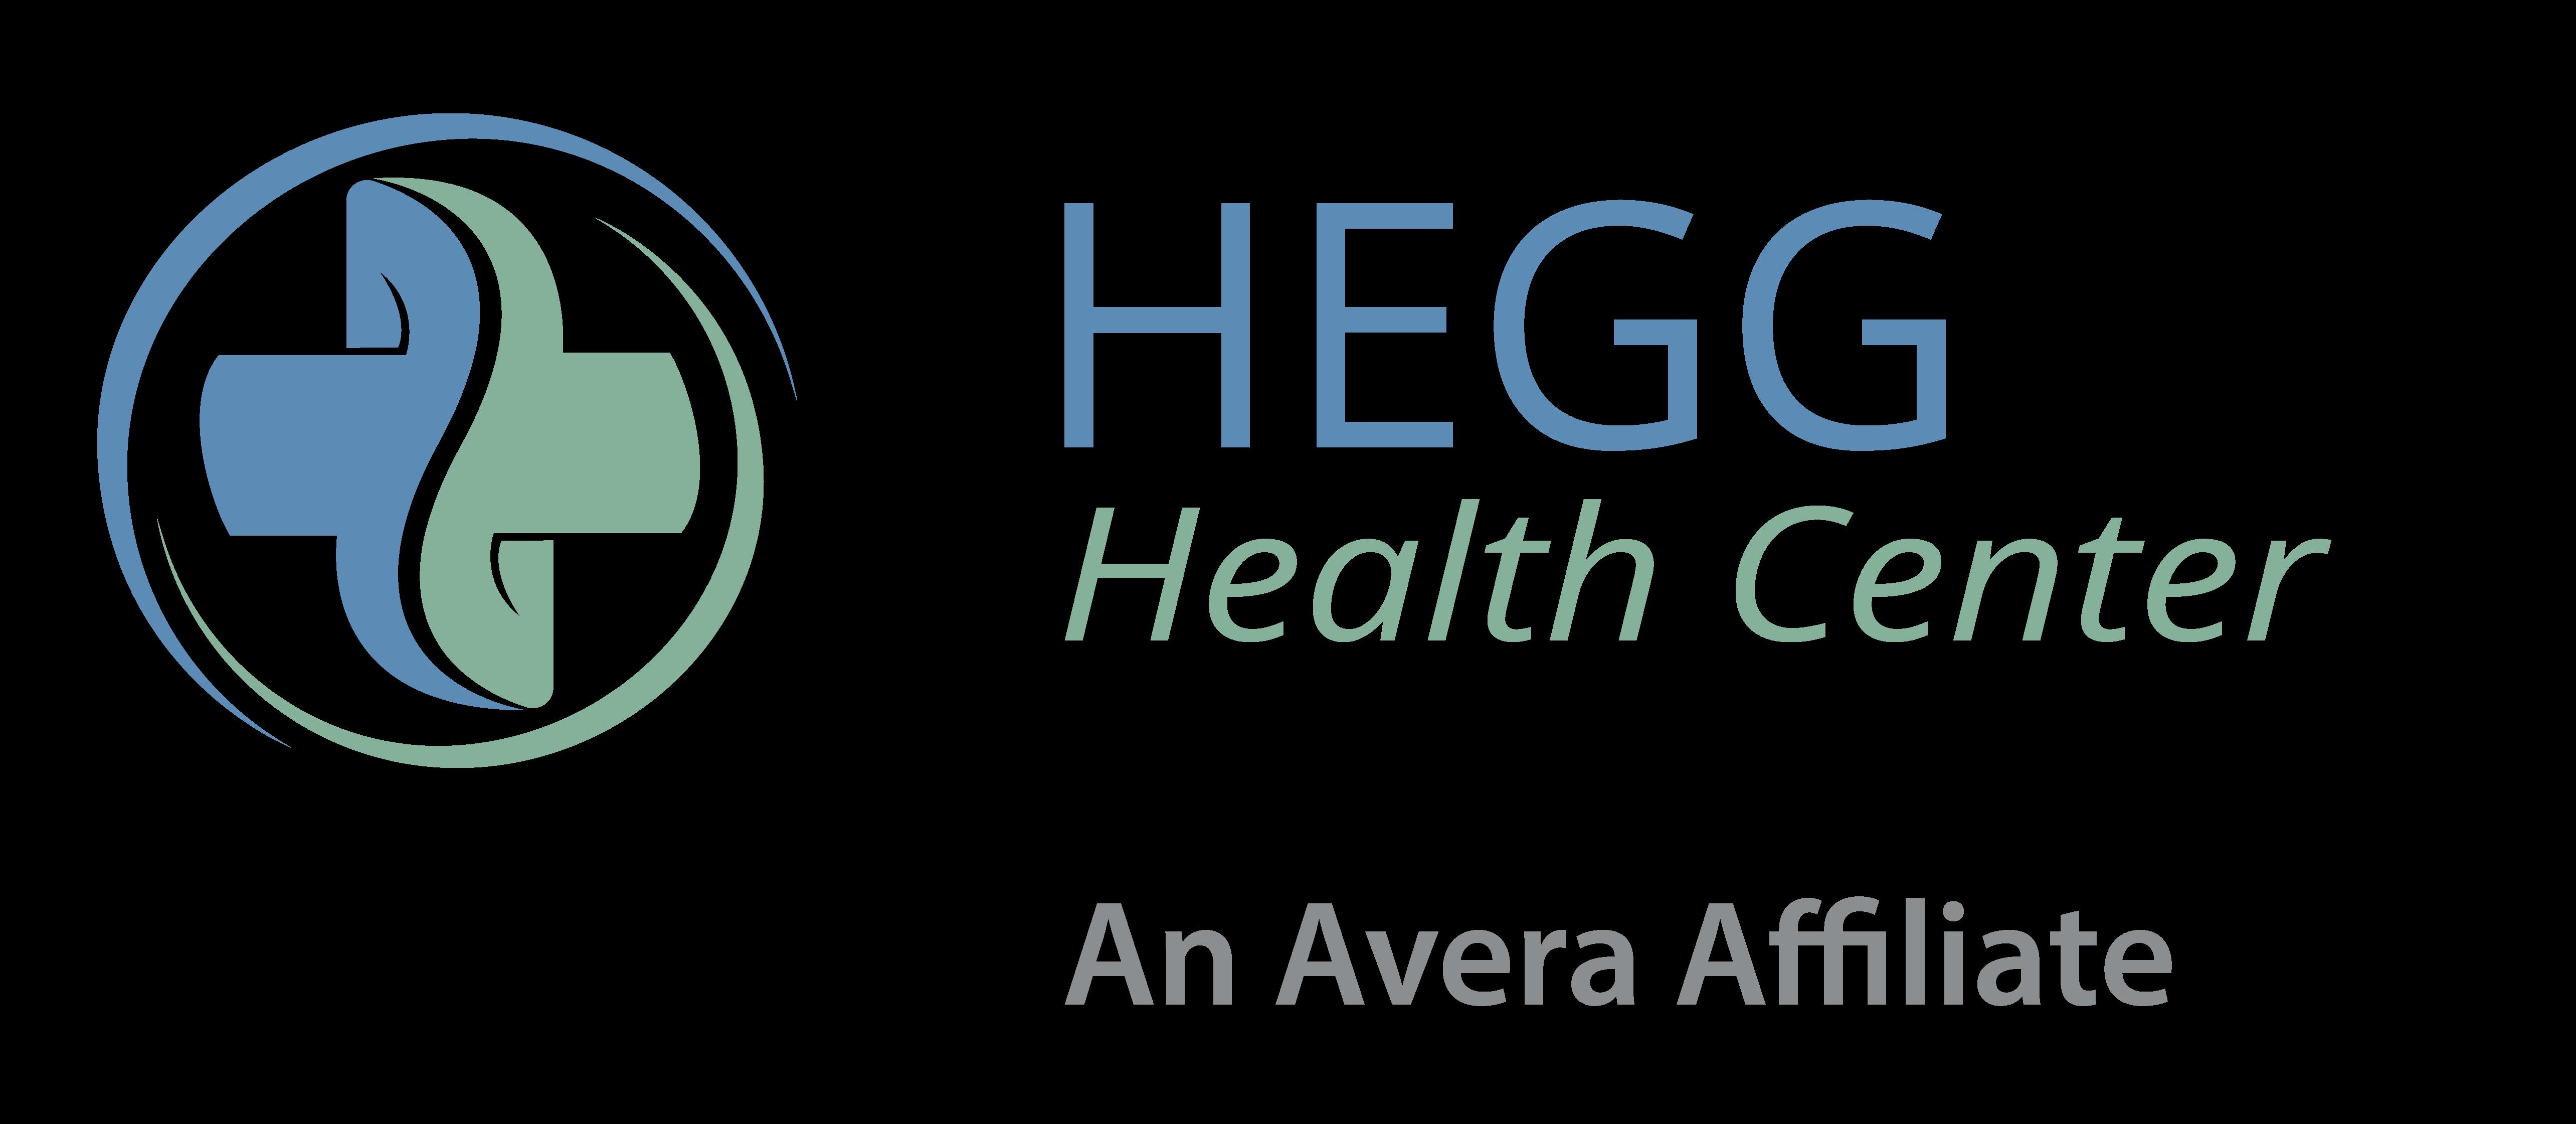 hegg health logo